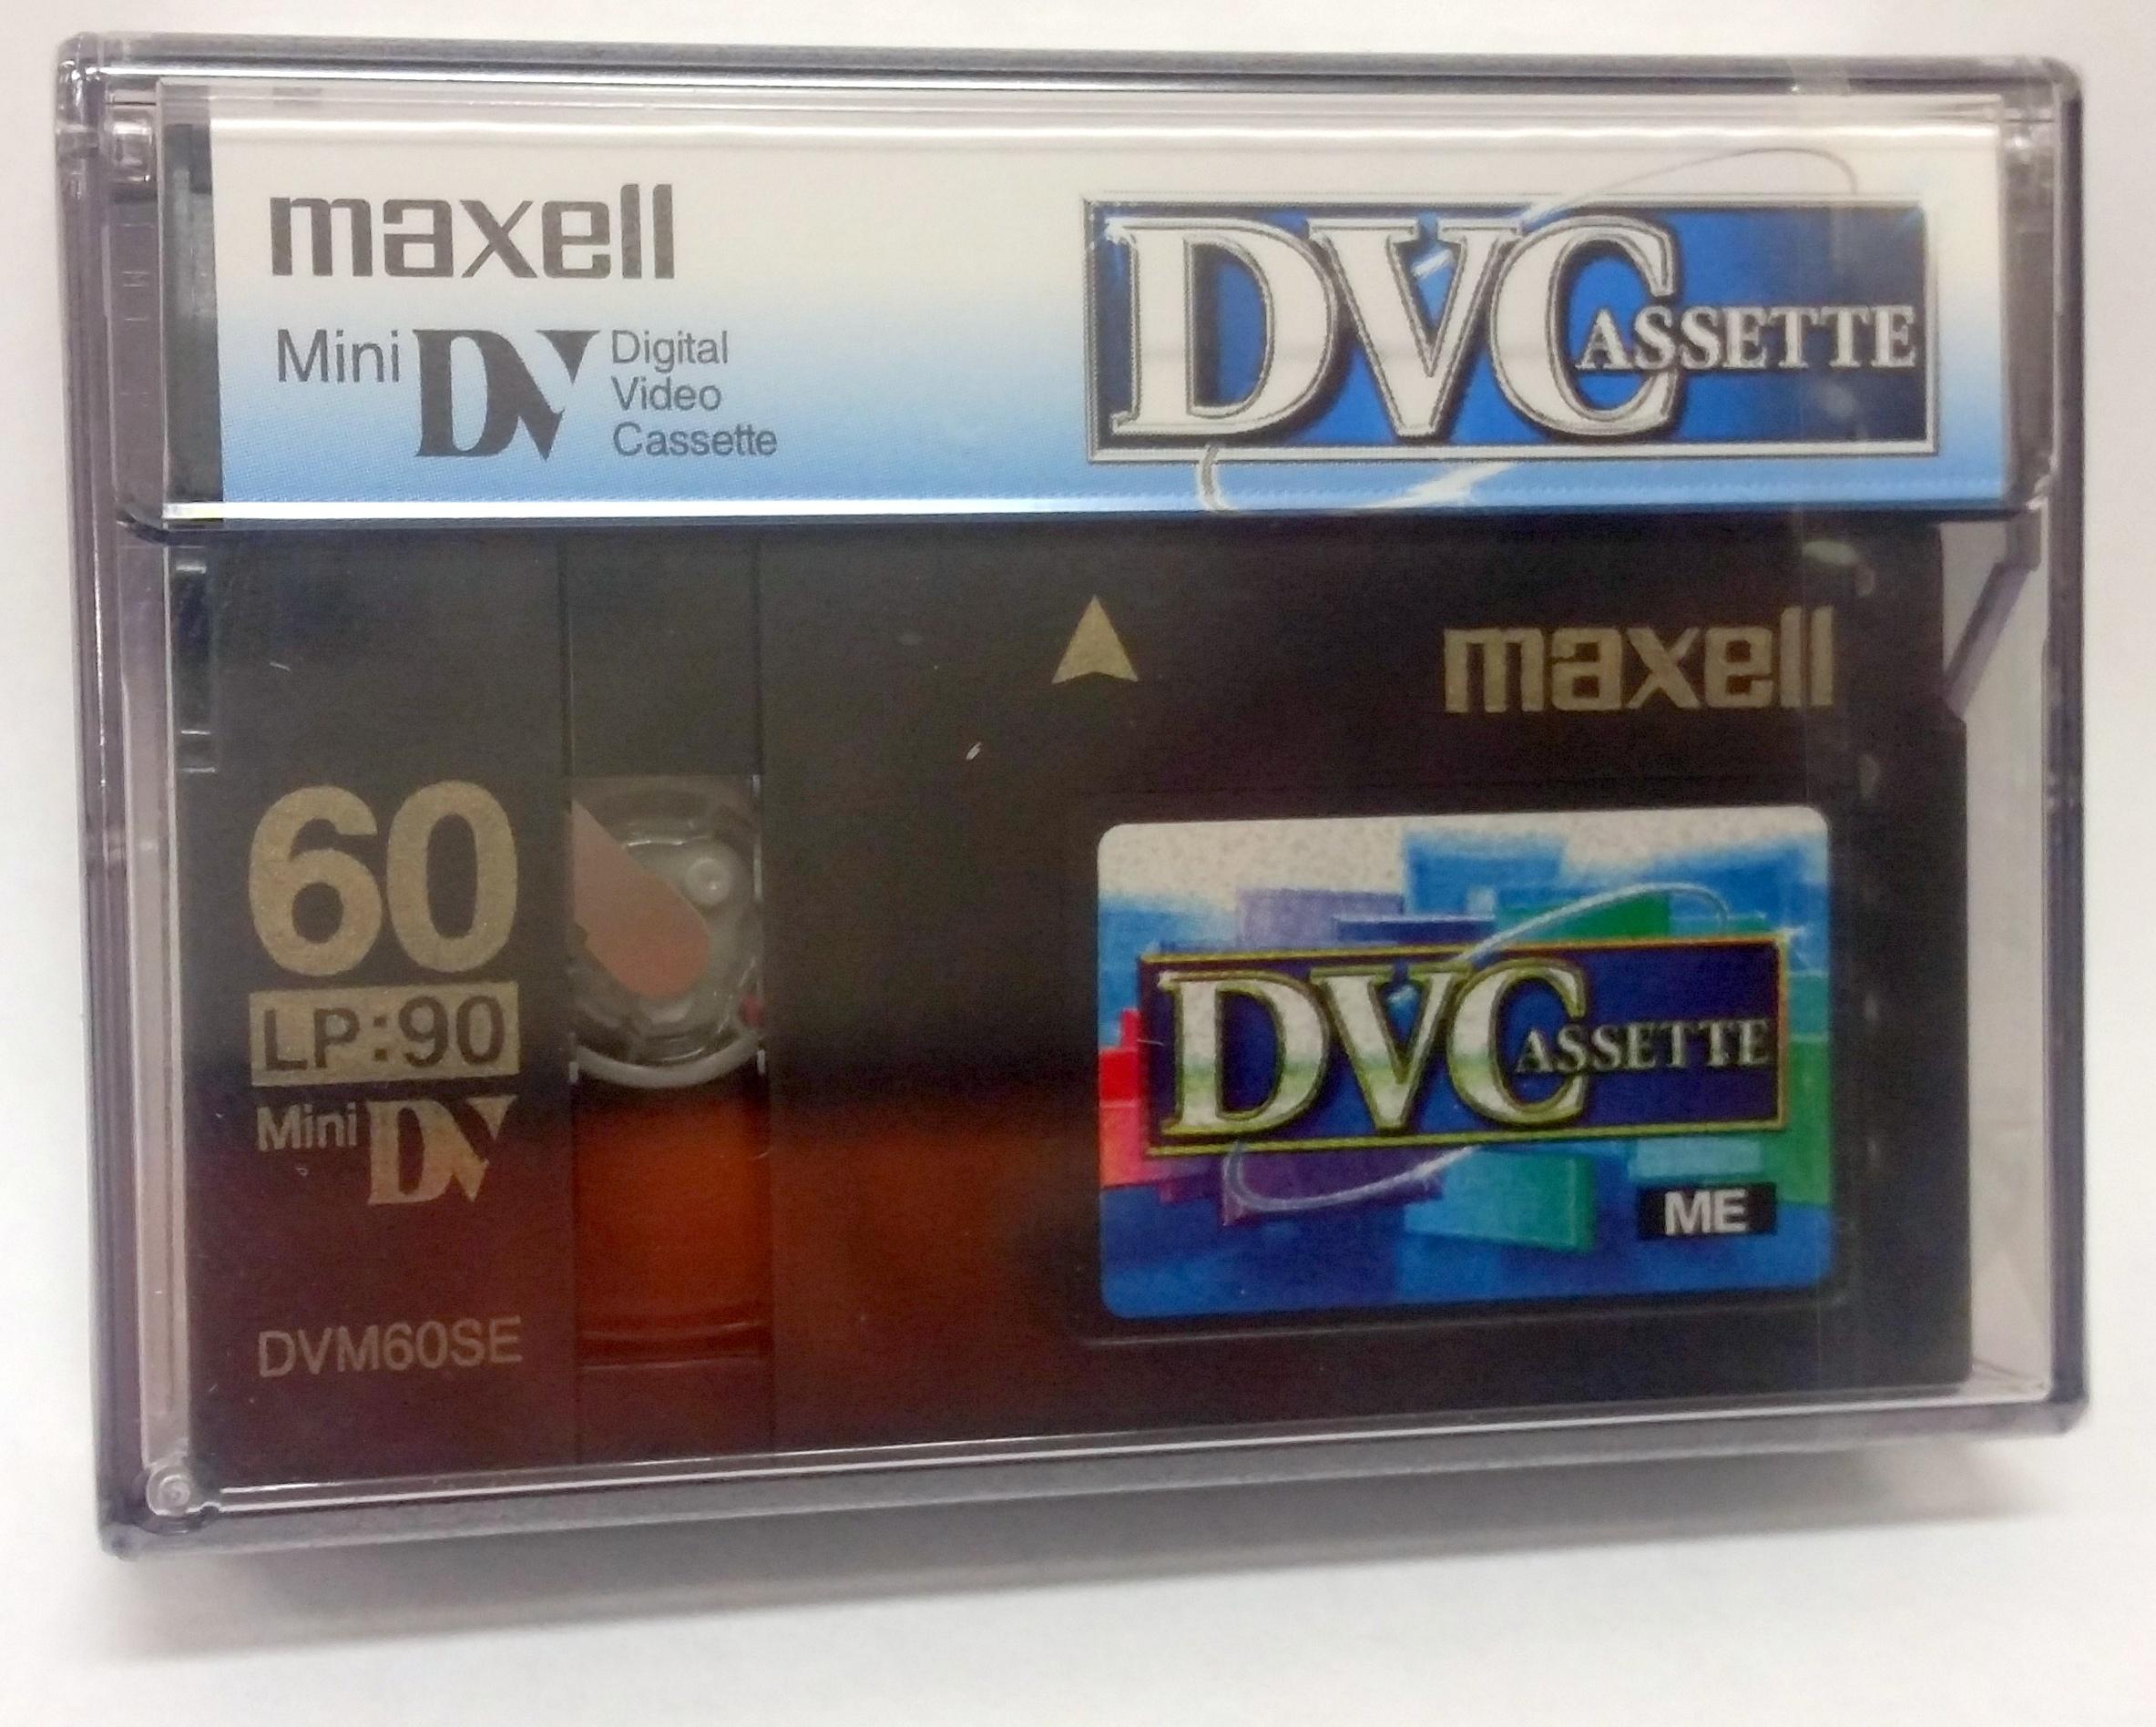 Best Deal Supply Blank Media Dvd R Sony Bulk Pack 50 10 Maxell Digital Mini Dv Video Tape 60 Of